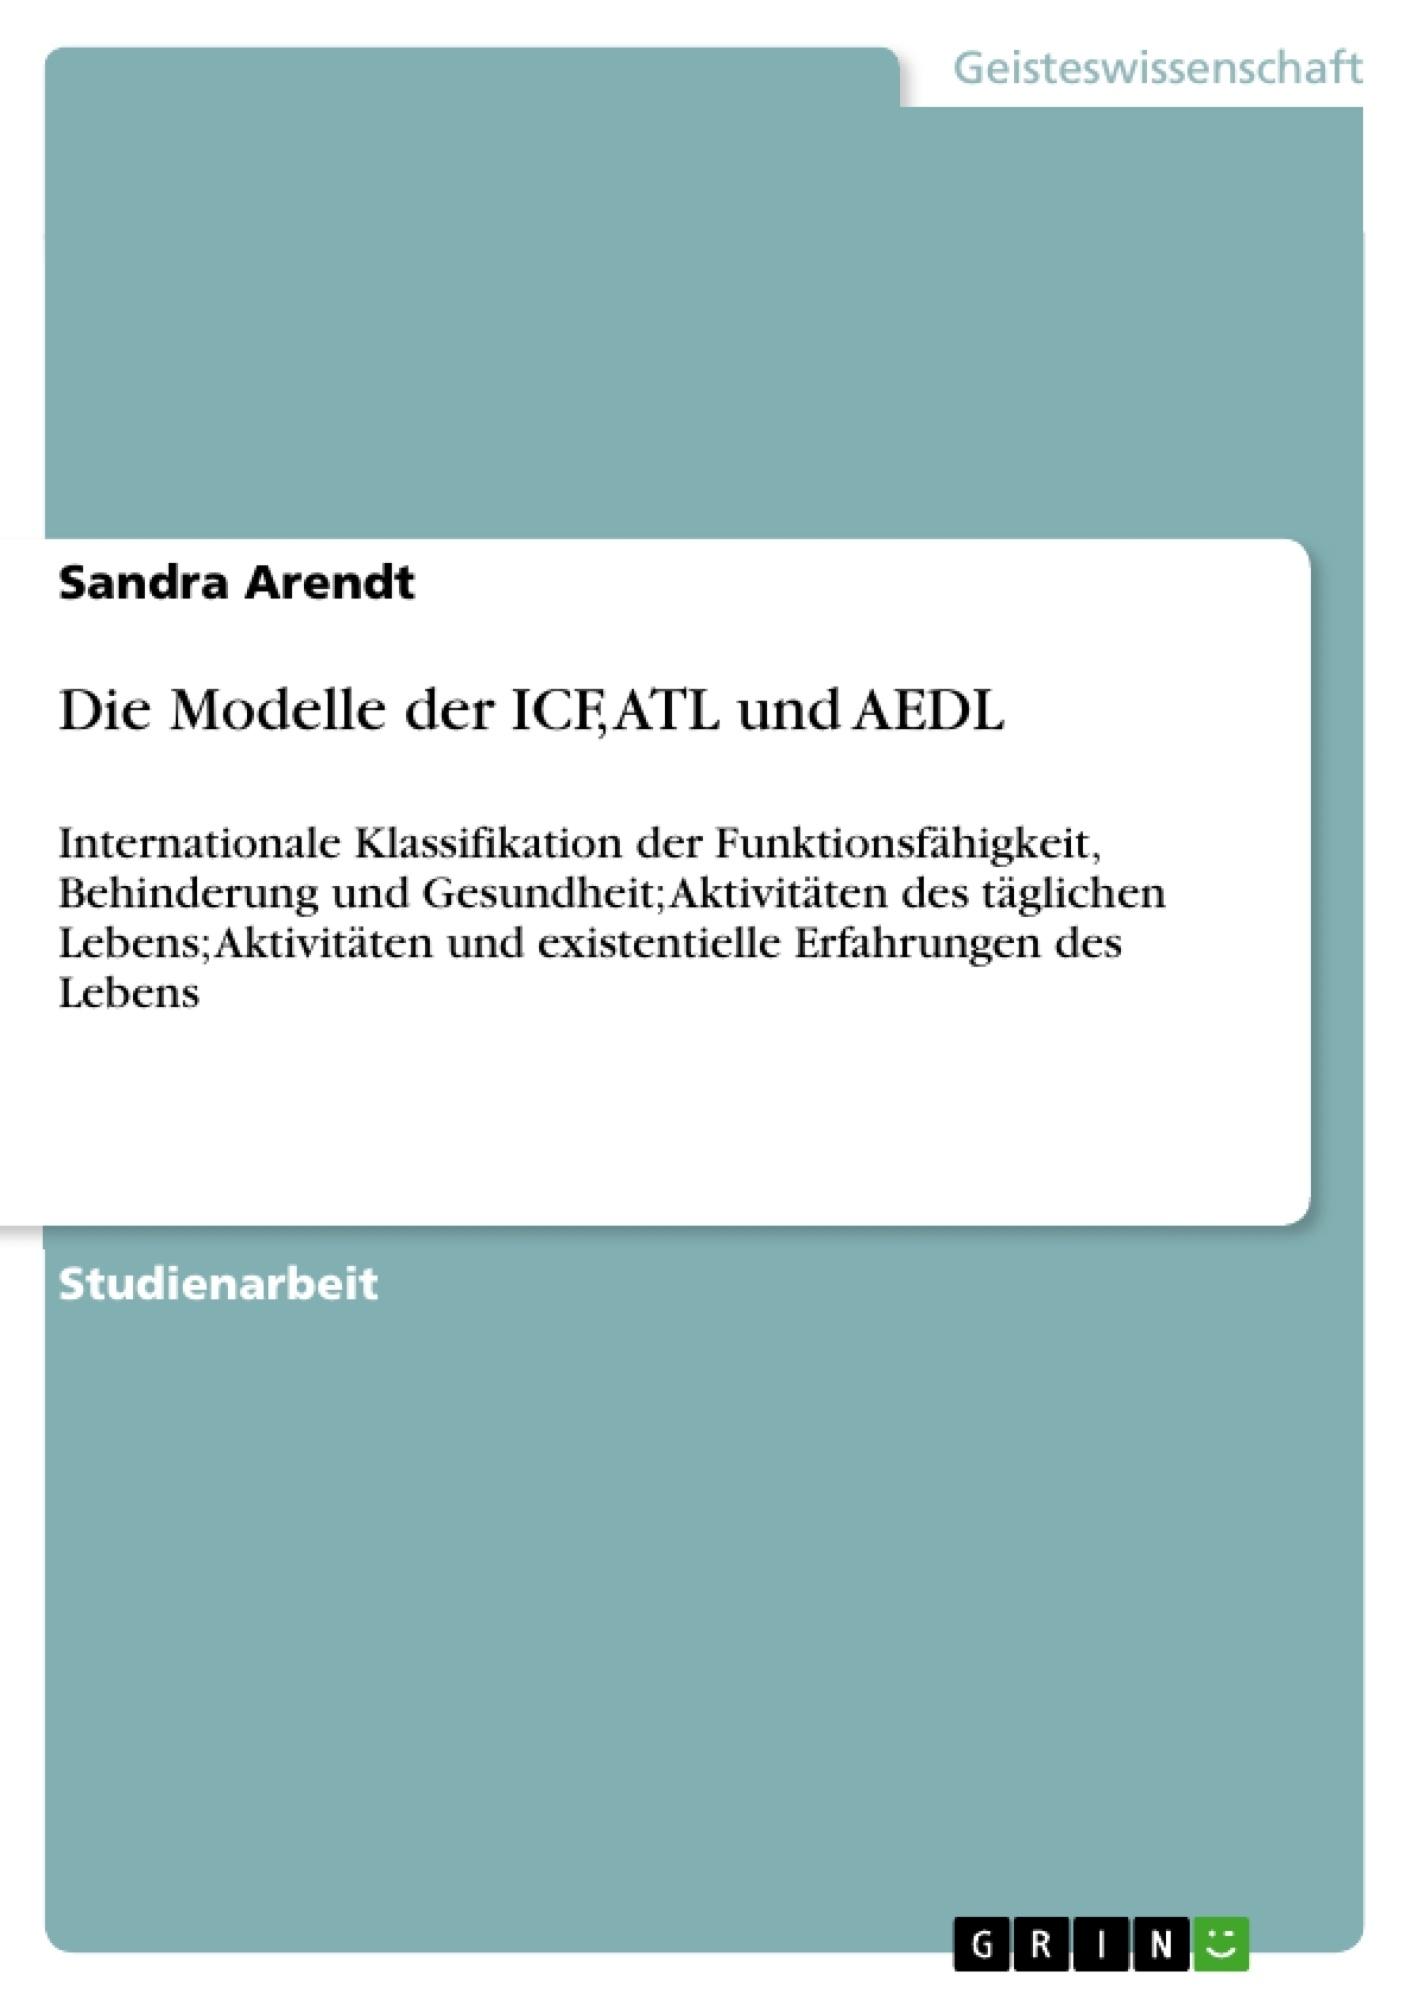 Titel: Die Modelle der ICF, ATL und AEDL